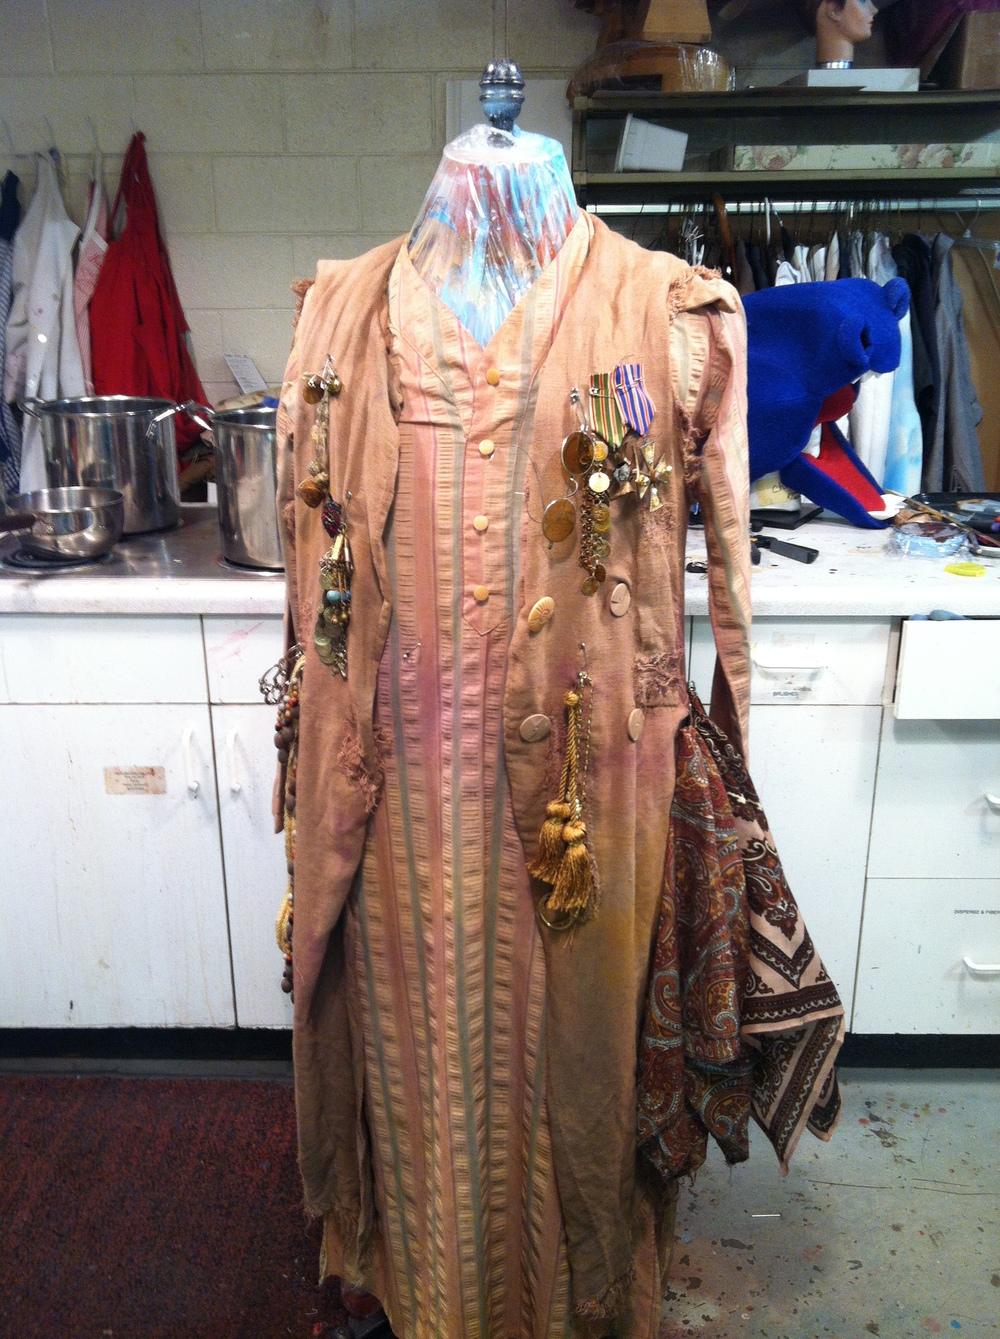 Final Merchant Look: Dyeing, Distressing by Arlene Felipe